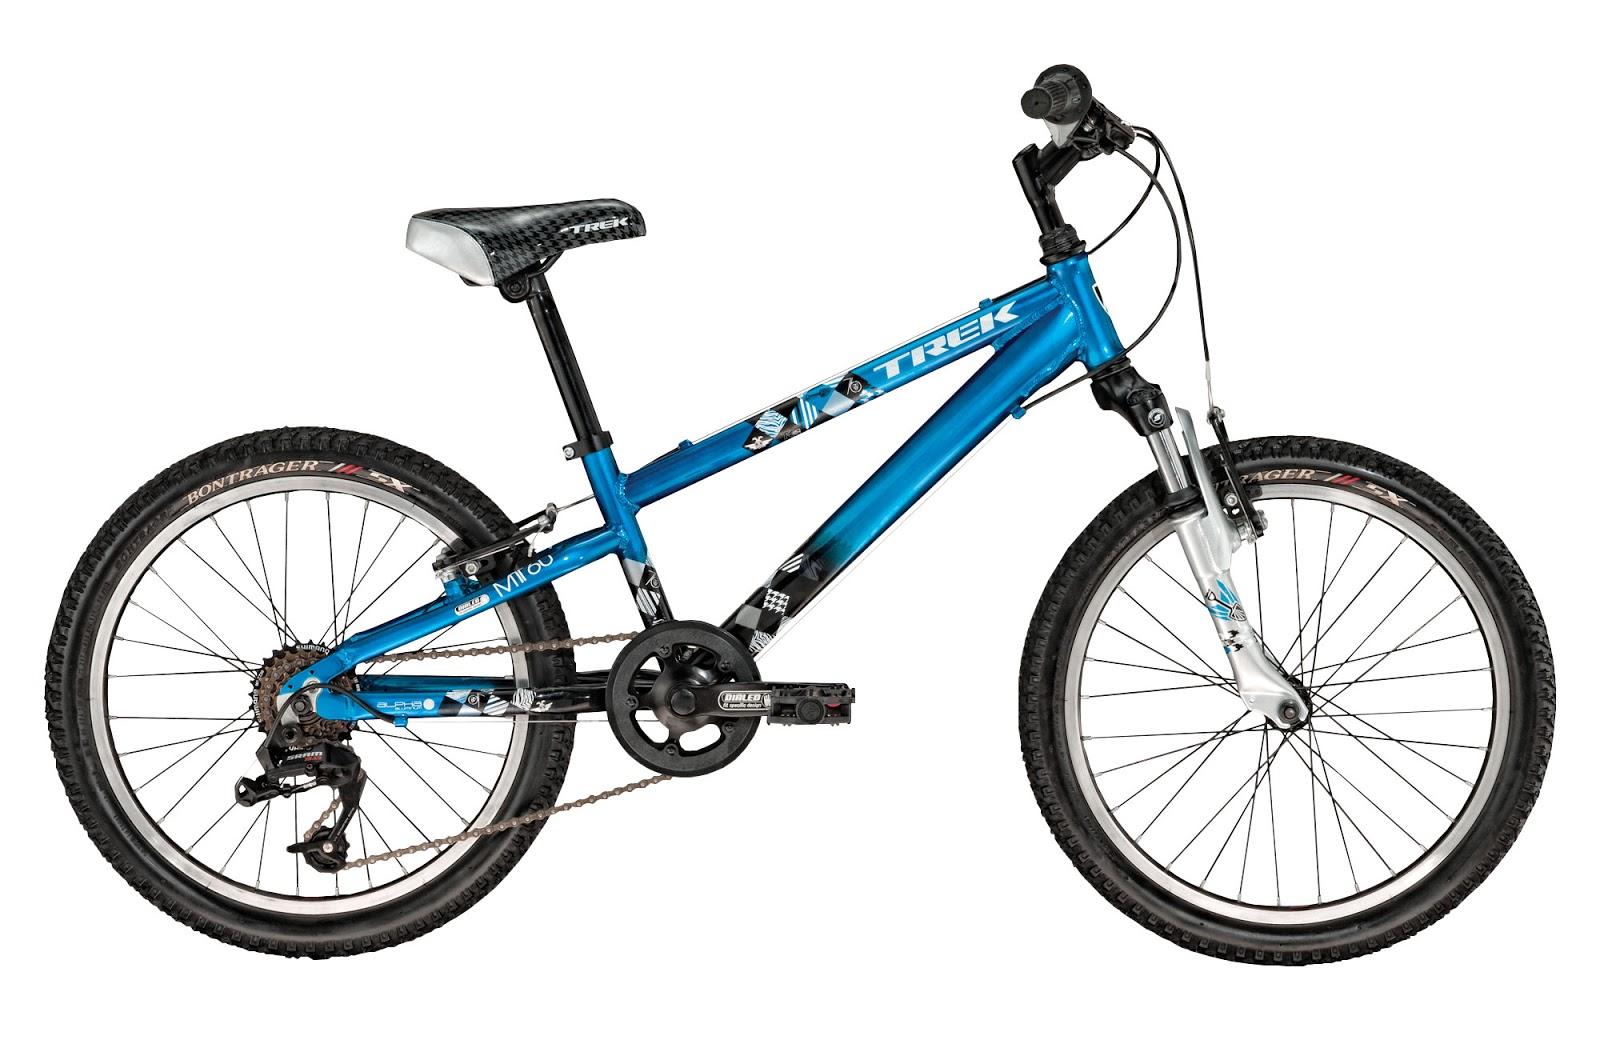 Dise os medrano bicicletas recortadas en photoshop for Disenos para bicicletas